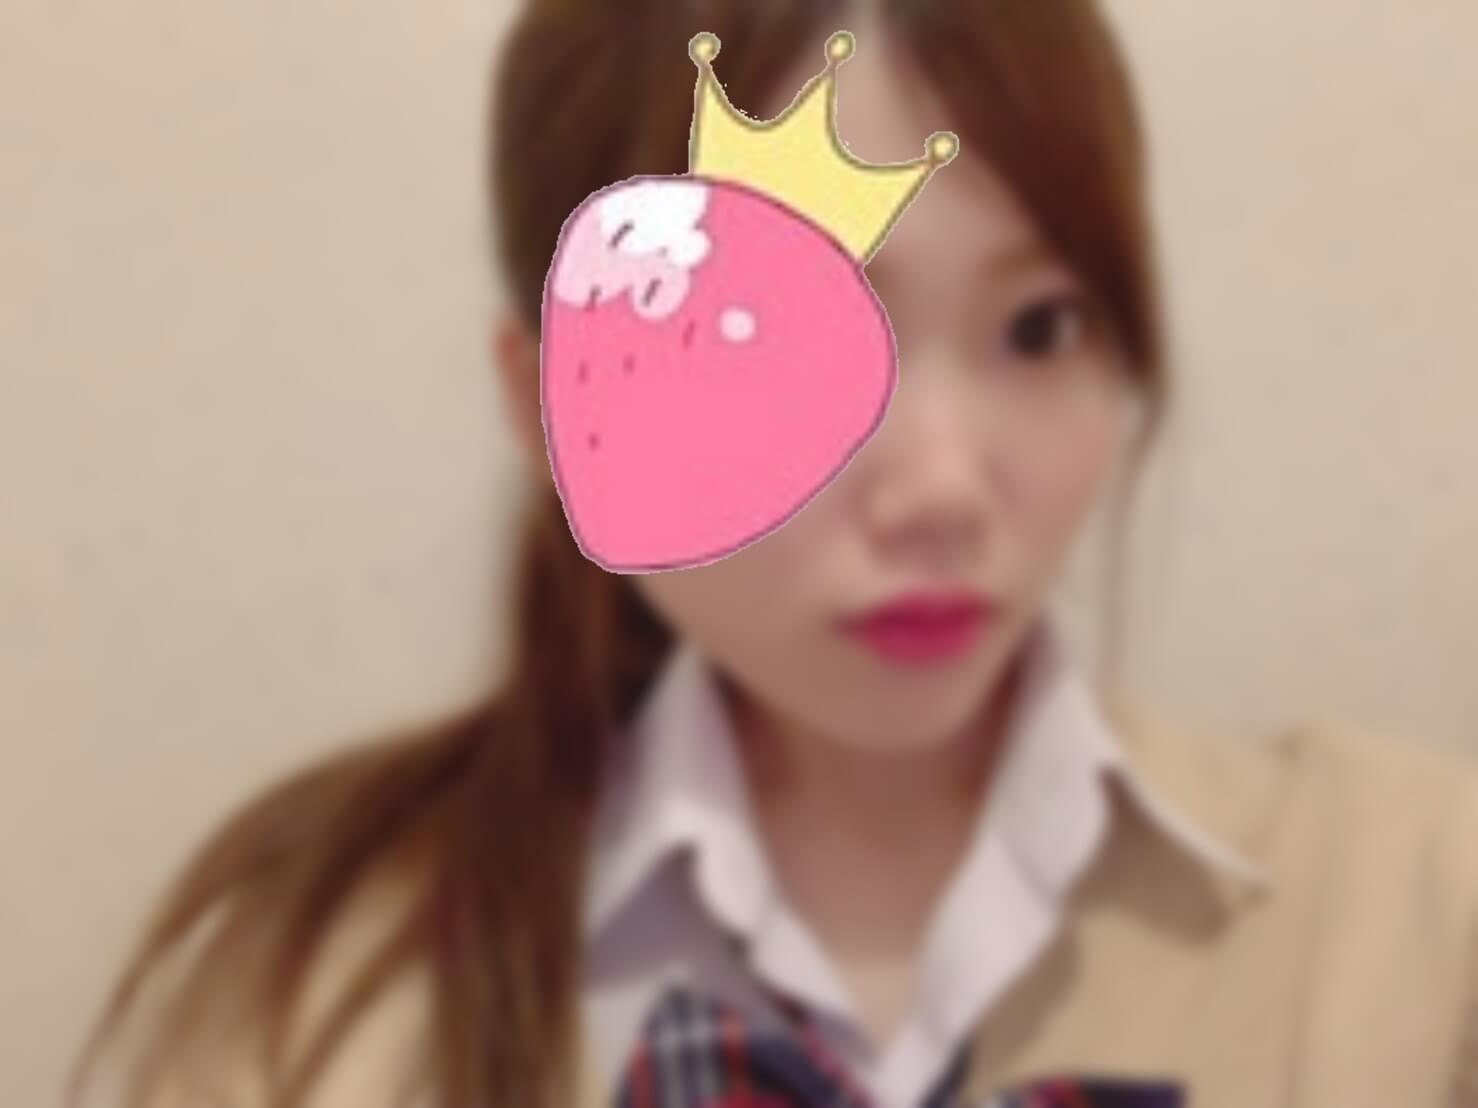 完全未経験☆ミニマム美少女『さくらちゃん』ご案内可能です☆|JKプレイ